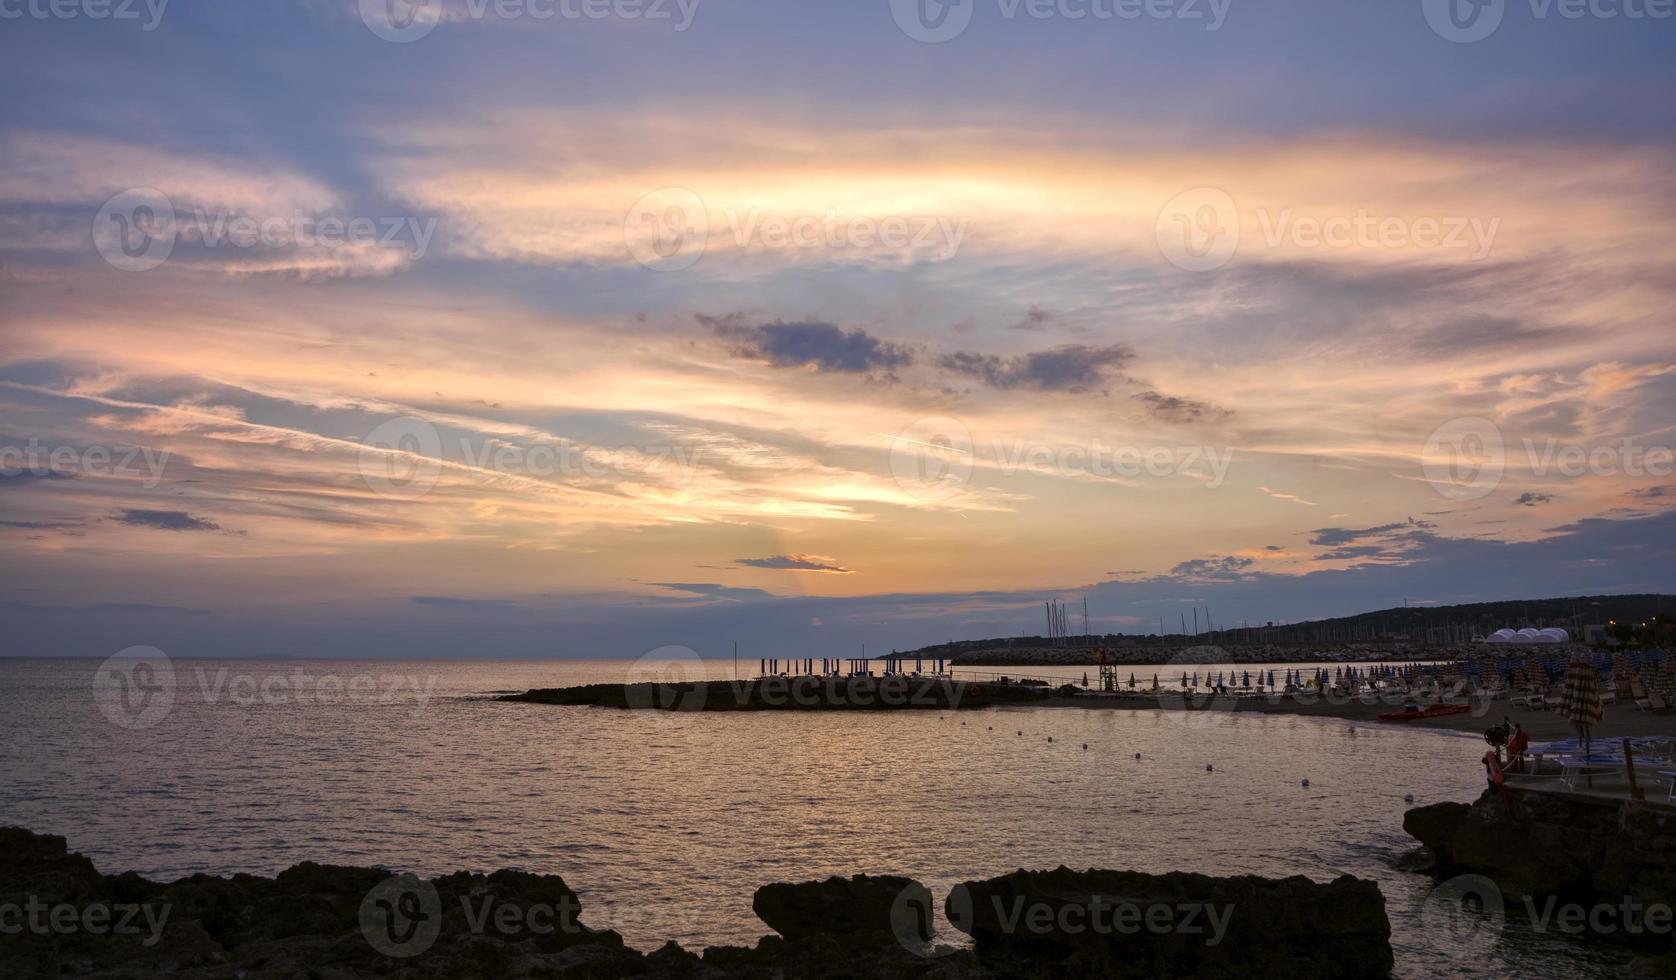 verzauberter Sonnenuntergang auf dem Meer in der Toskana foto